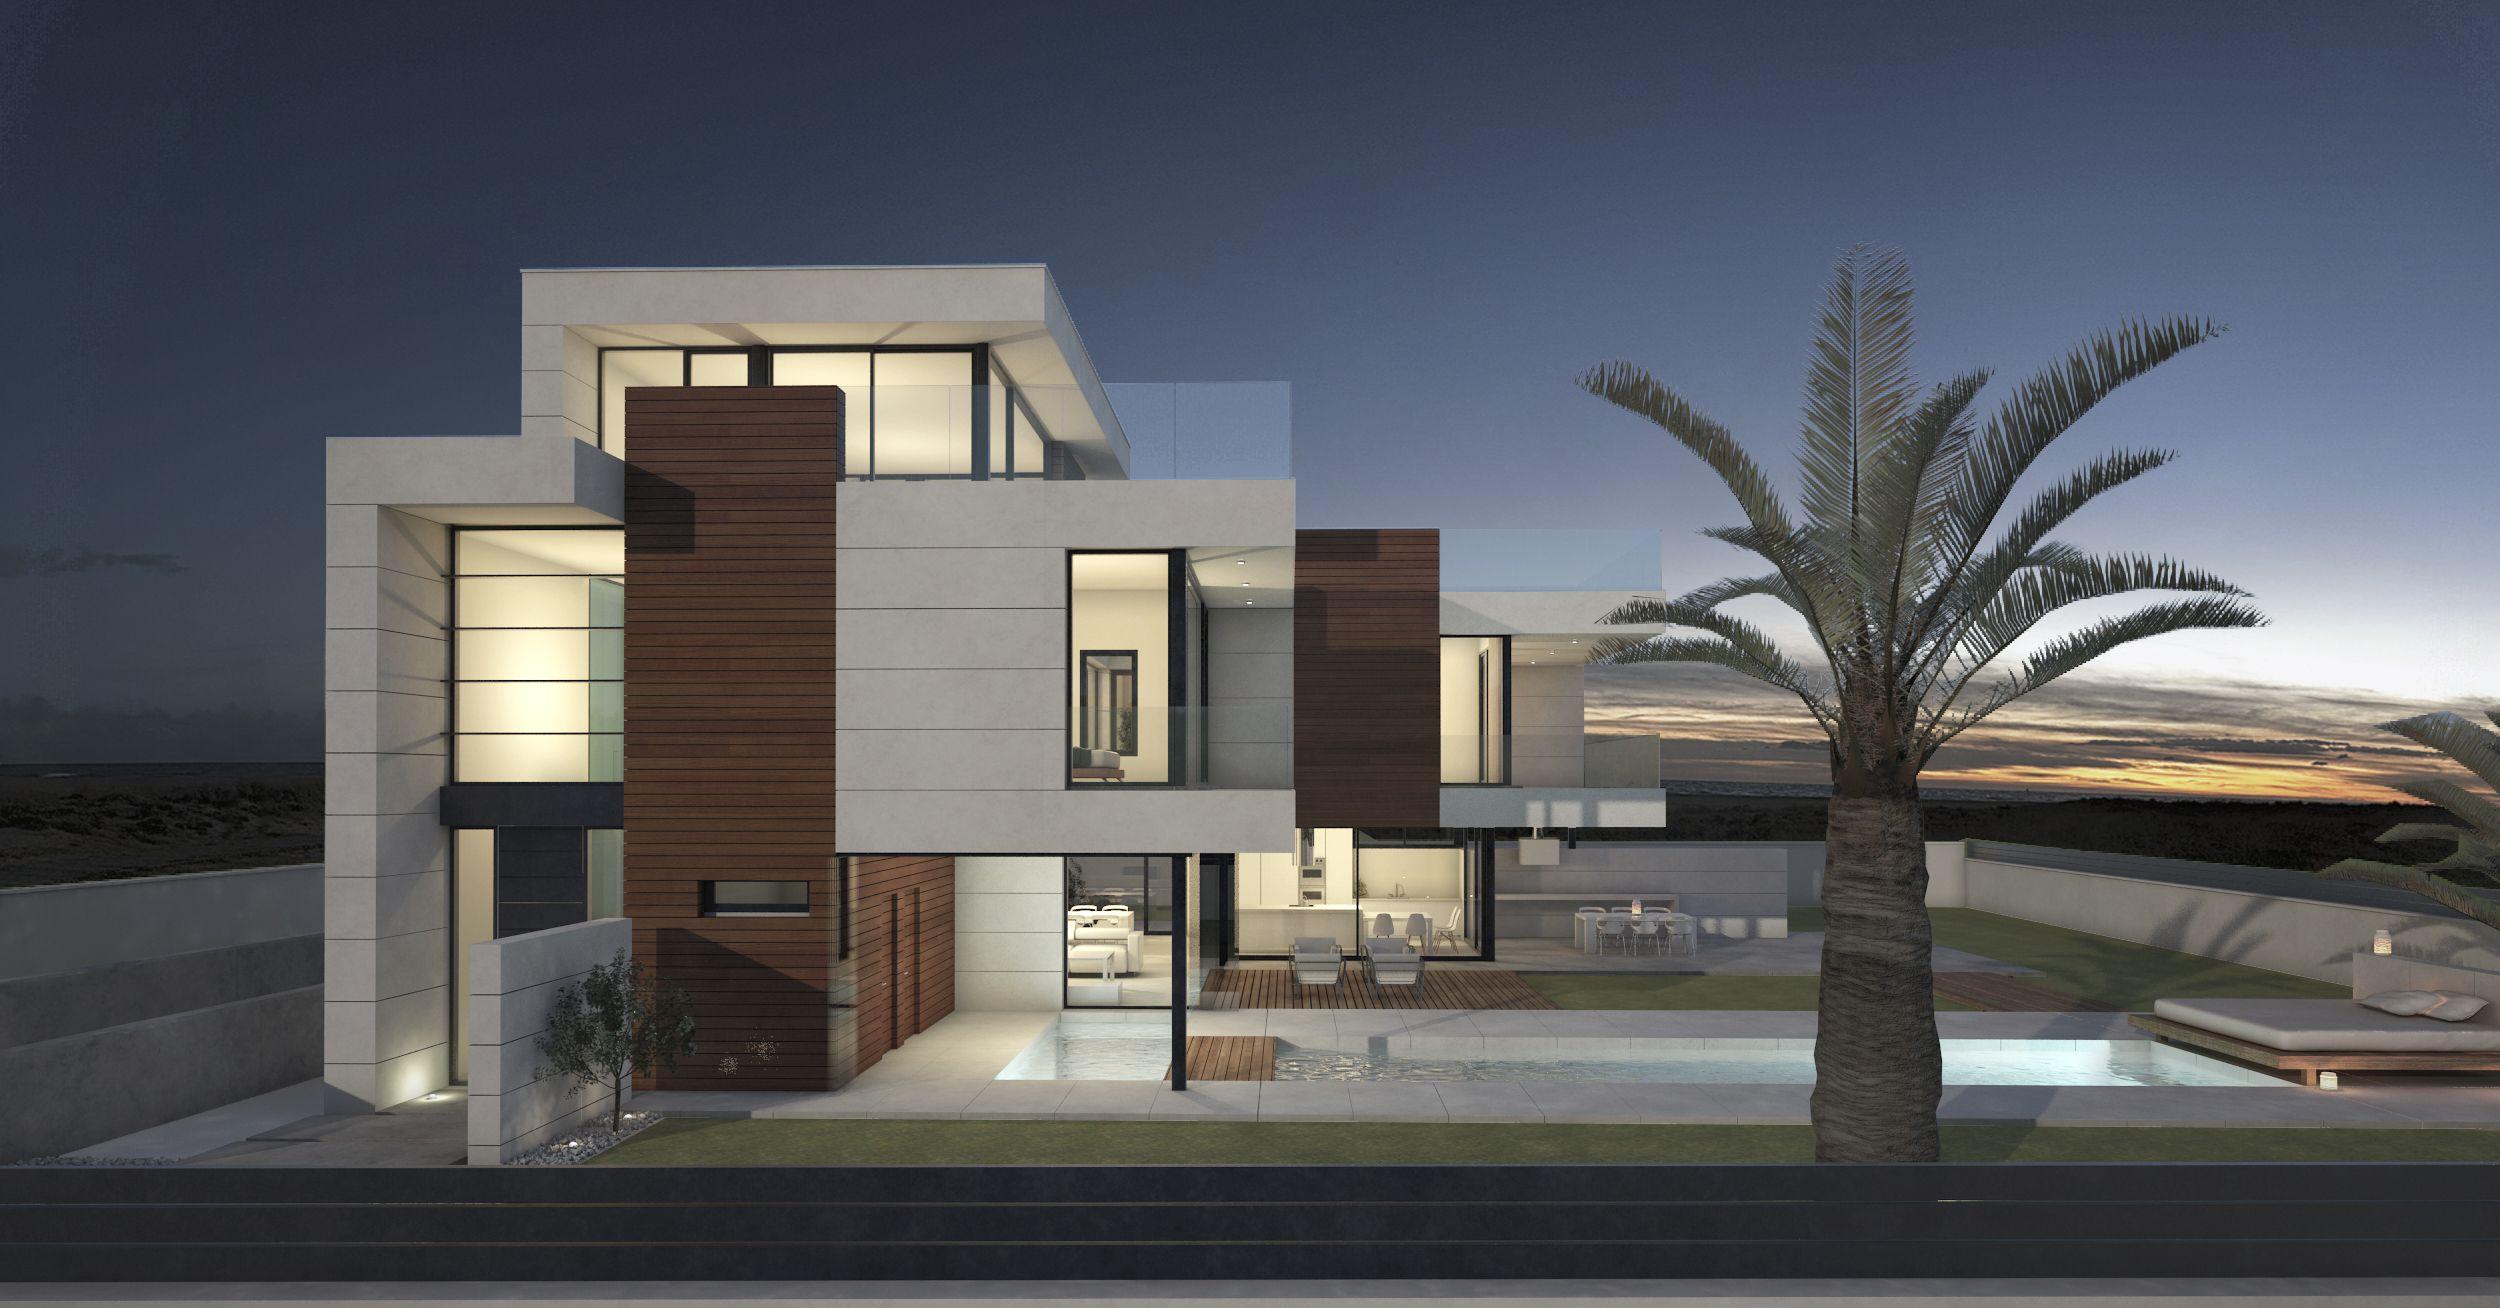 Render de propuesta de fachada en vivienda unifamiliar for Render casa minimalista